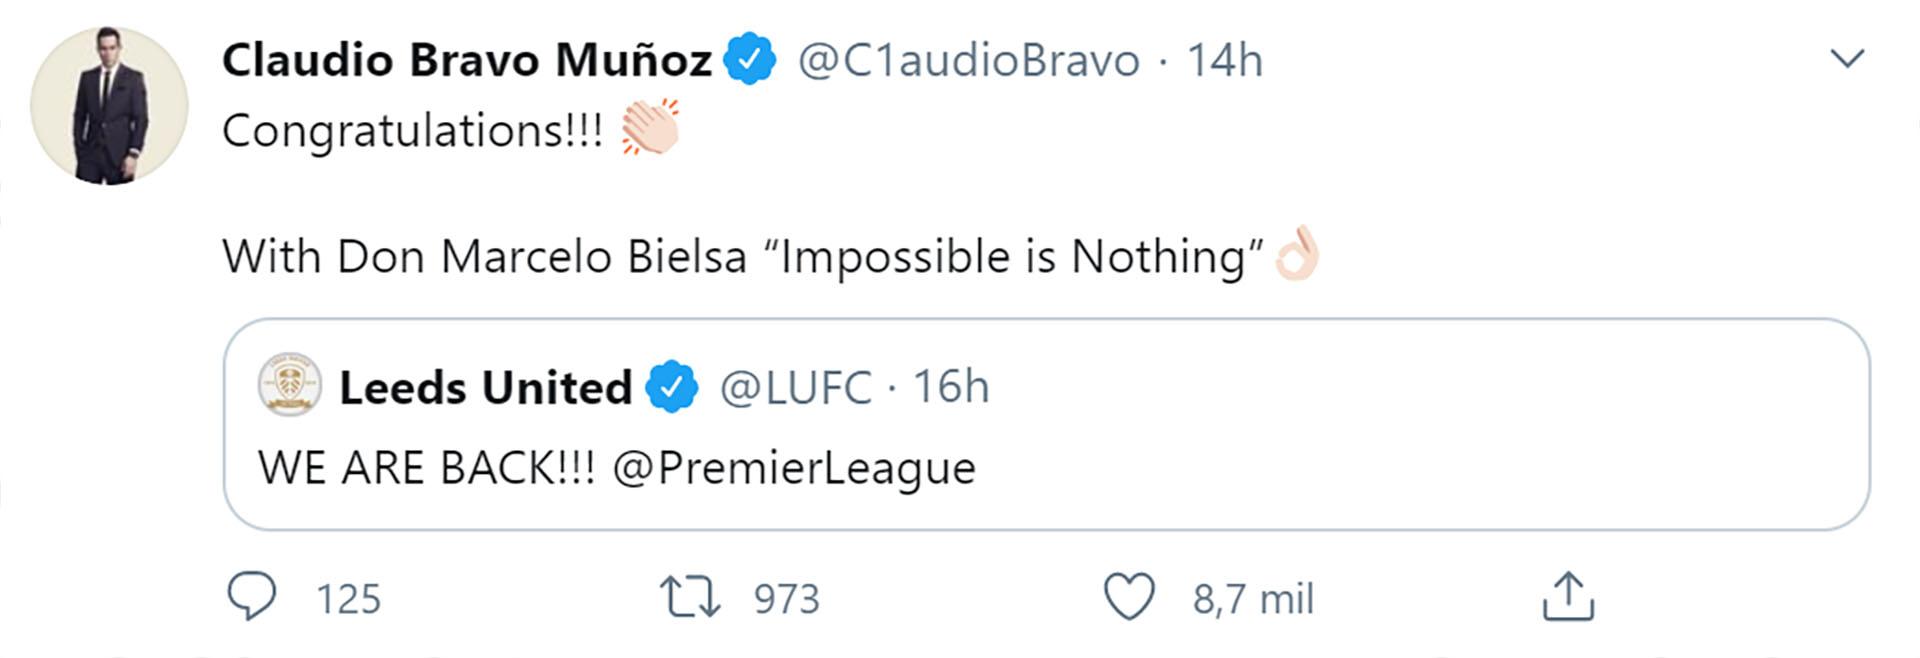 El mensaje de Claudio Bravo para Marcelo Bielsa